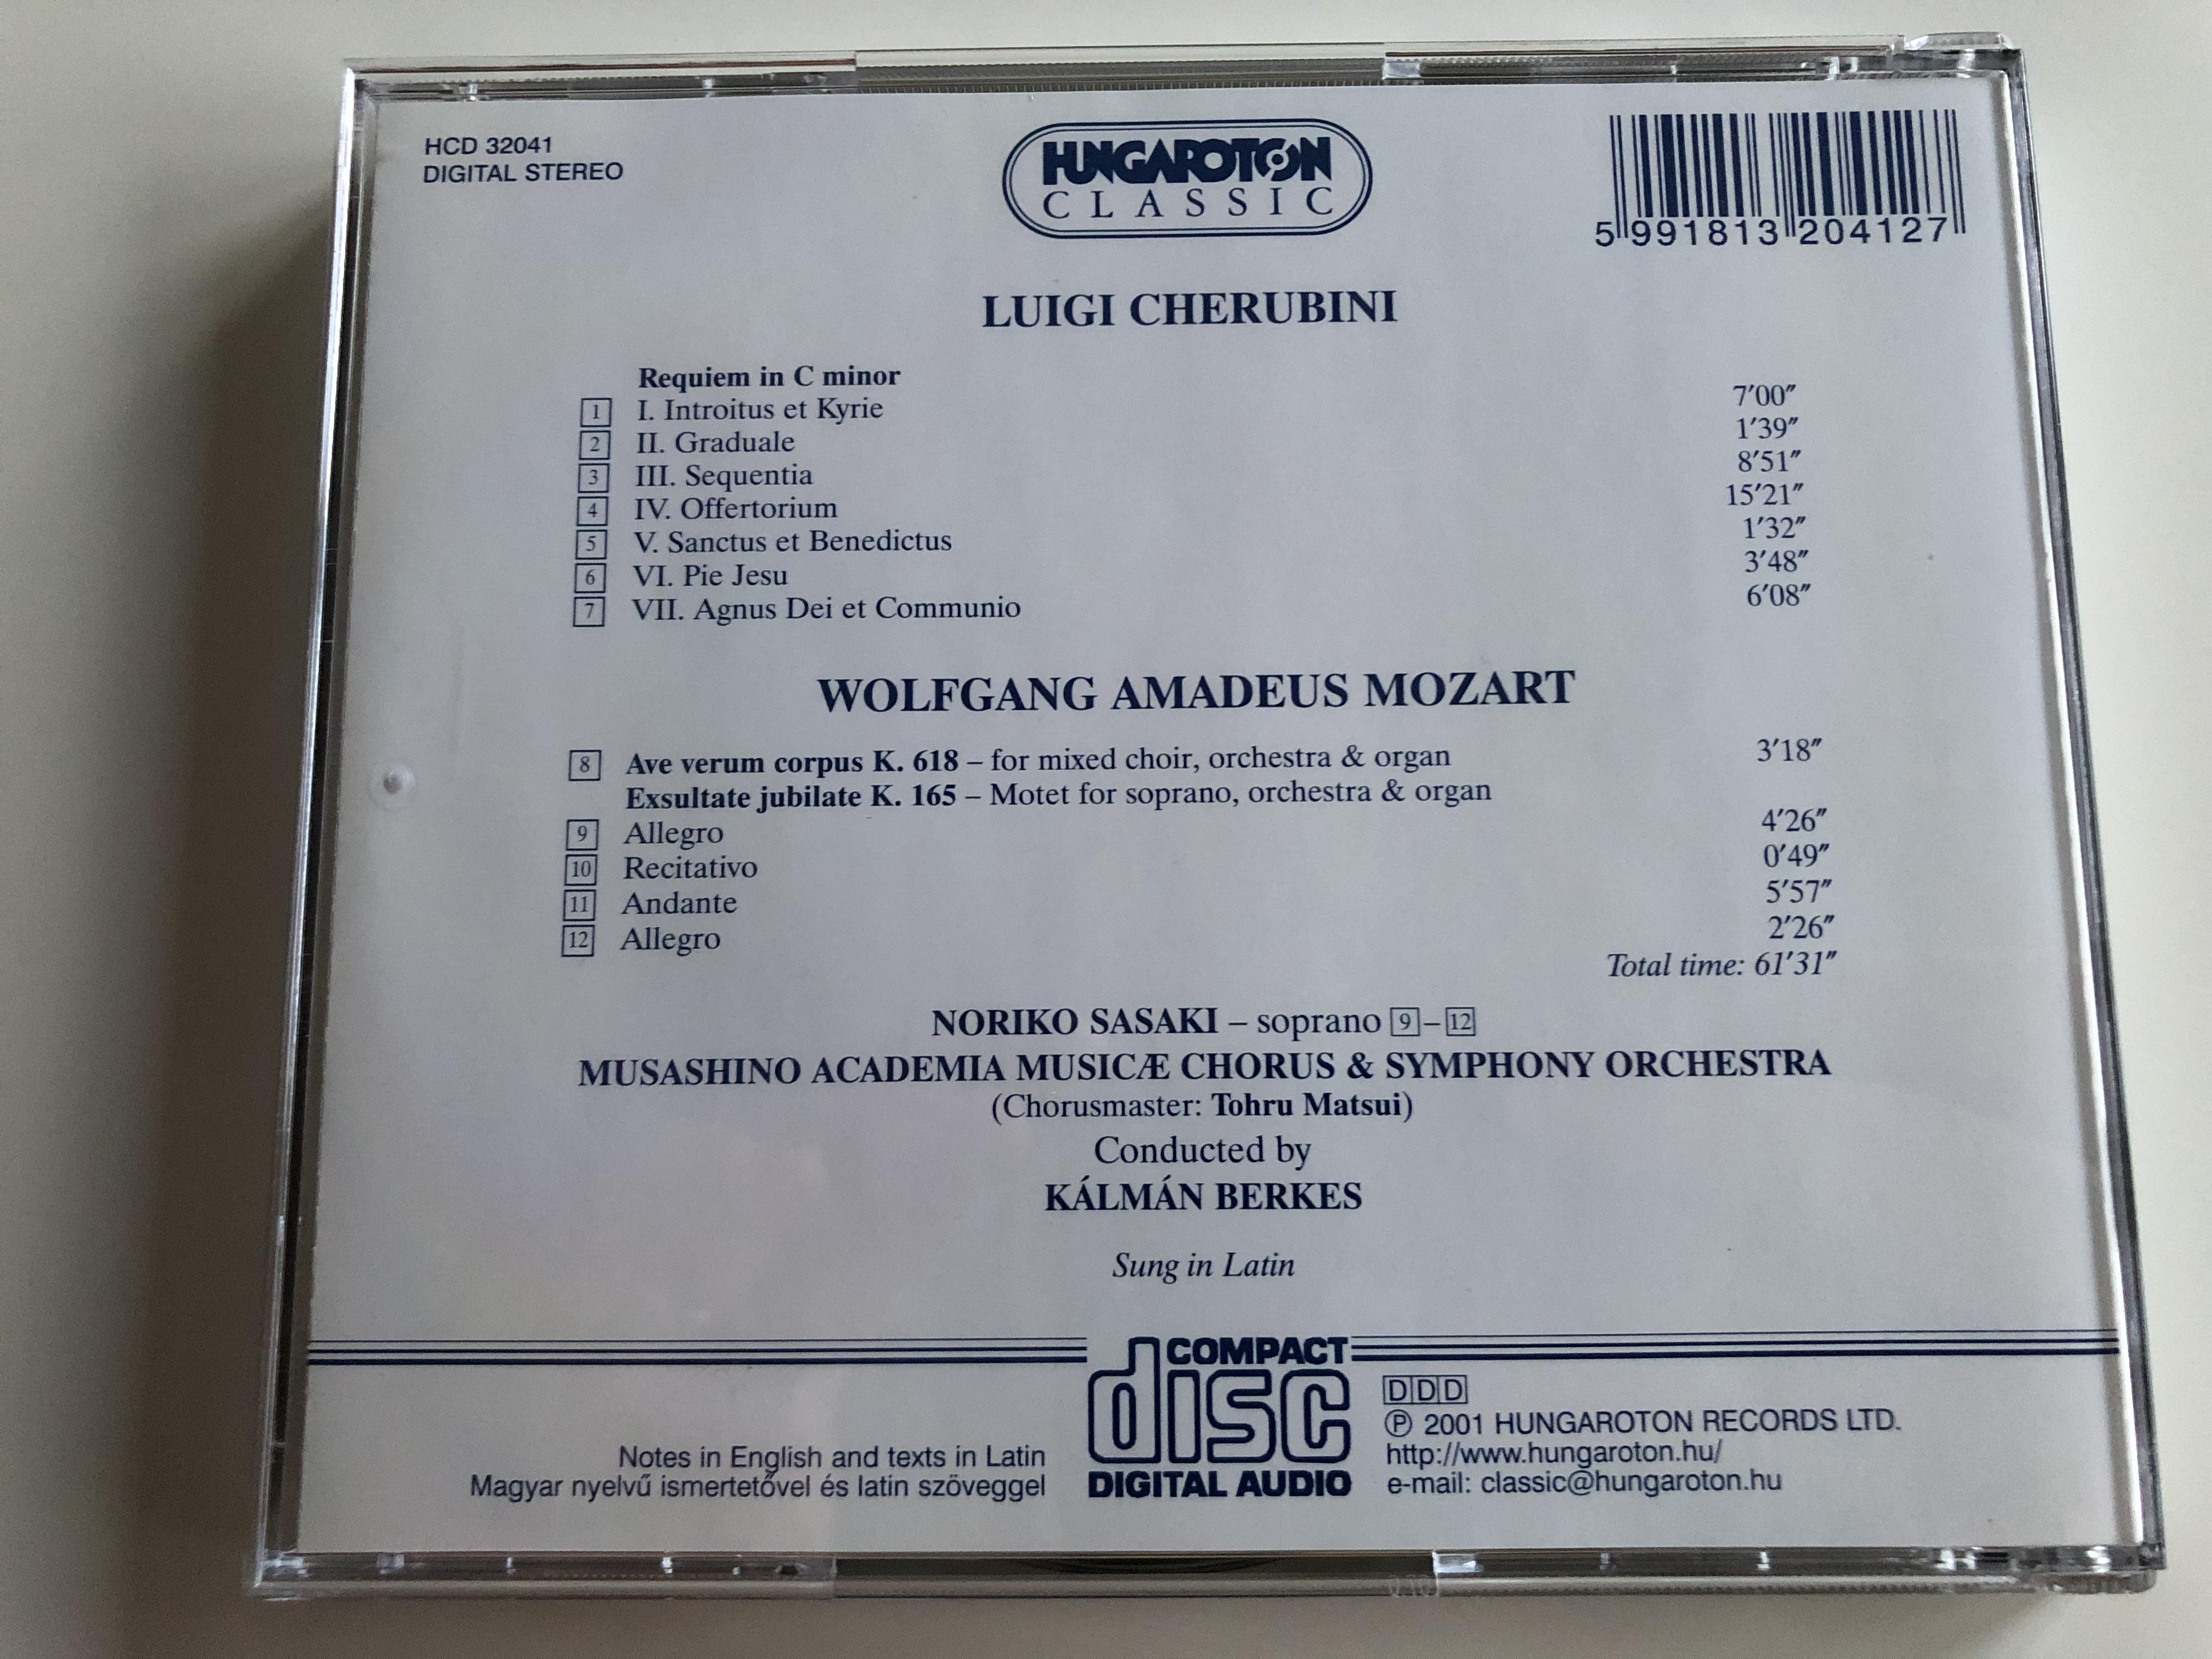 cherubini-requiem-in-c-minor-mozart-ave-verum-corpus-k.618-mozart-exsultate-jubilate-k.165-noriko-sasaki-soprano-musashino-academia-music-chorus-and-symphony-orchestra-conducted-by-k-lm-n-berkes-hungaroton-classic-7471208-.jpg